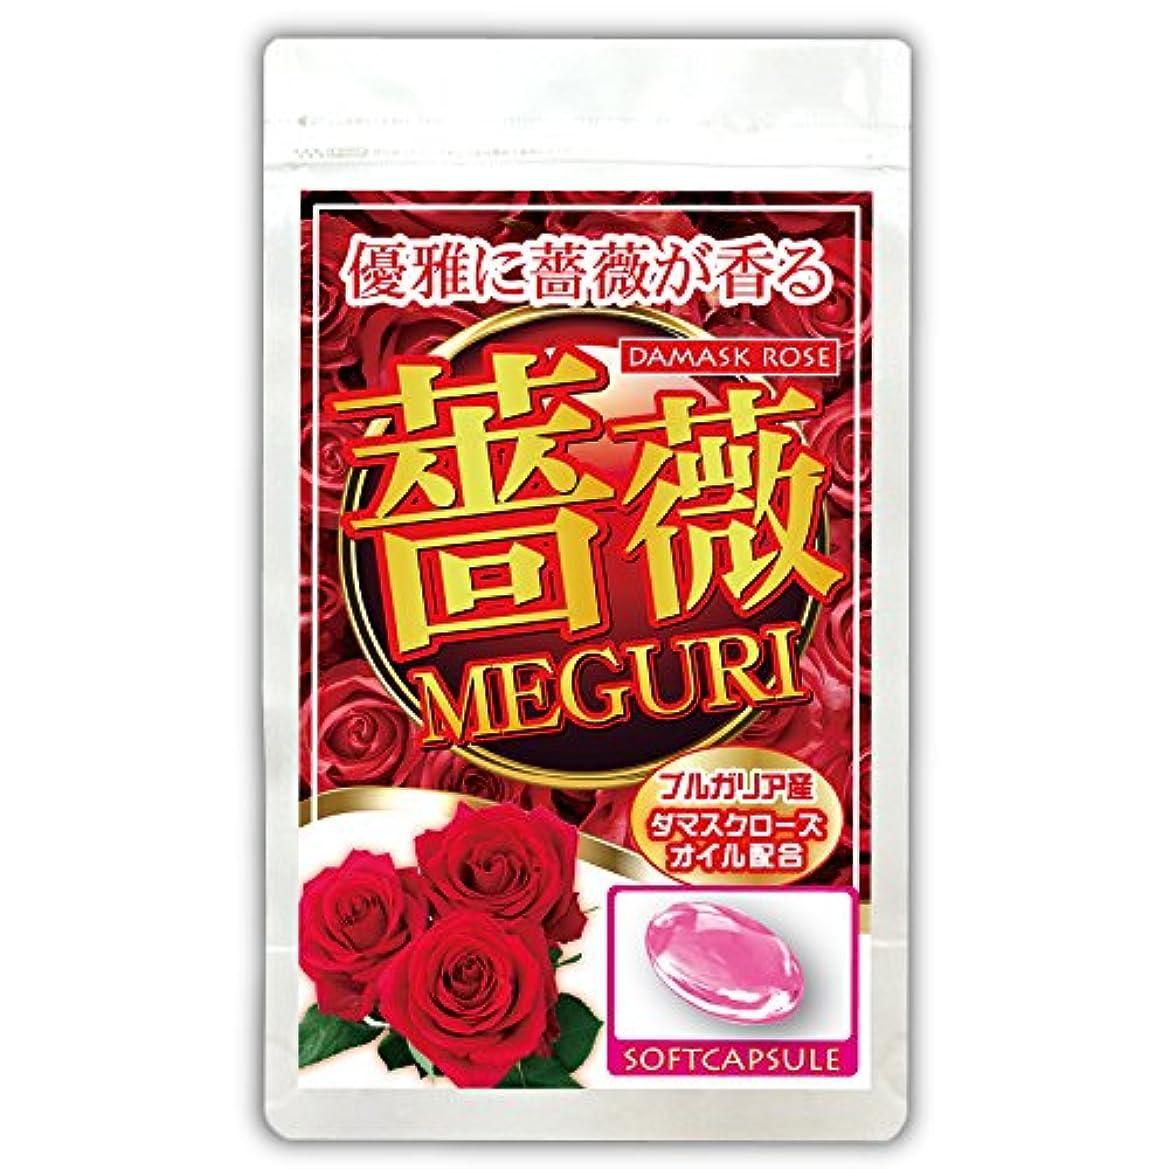 交通渋滞ポップしてはいけない薔薇MEGURI(約1~2ヵ月分/62粒)